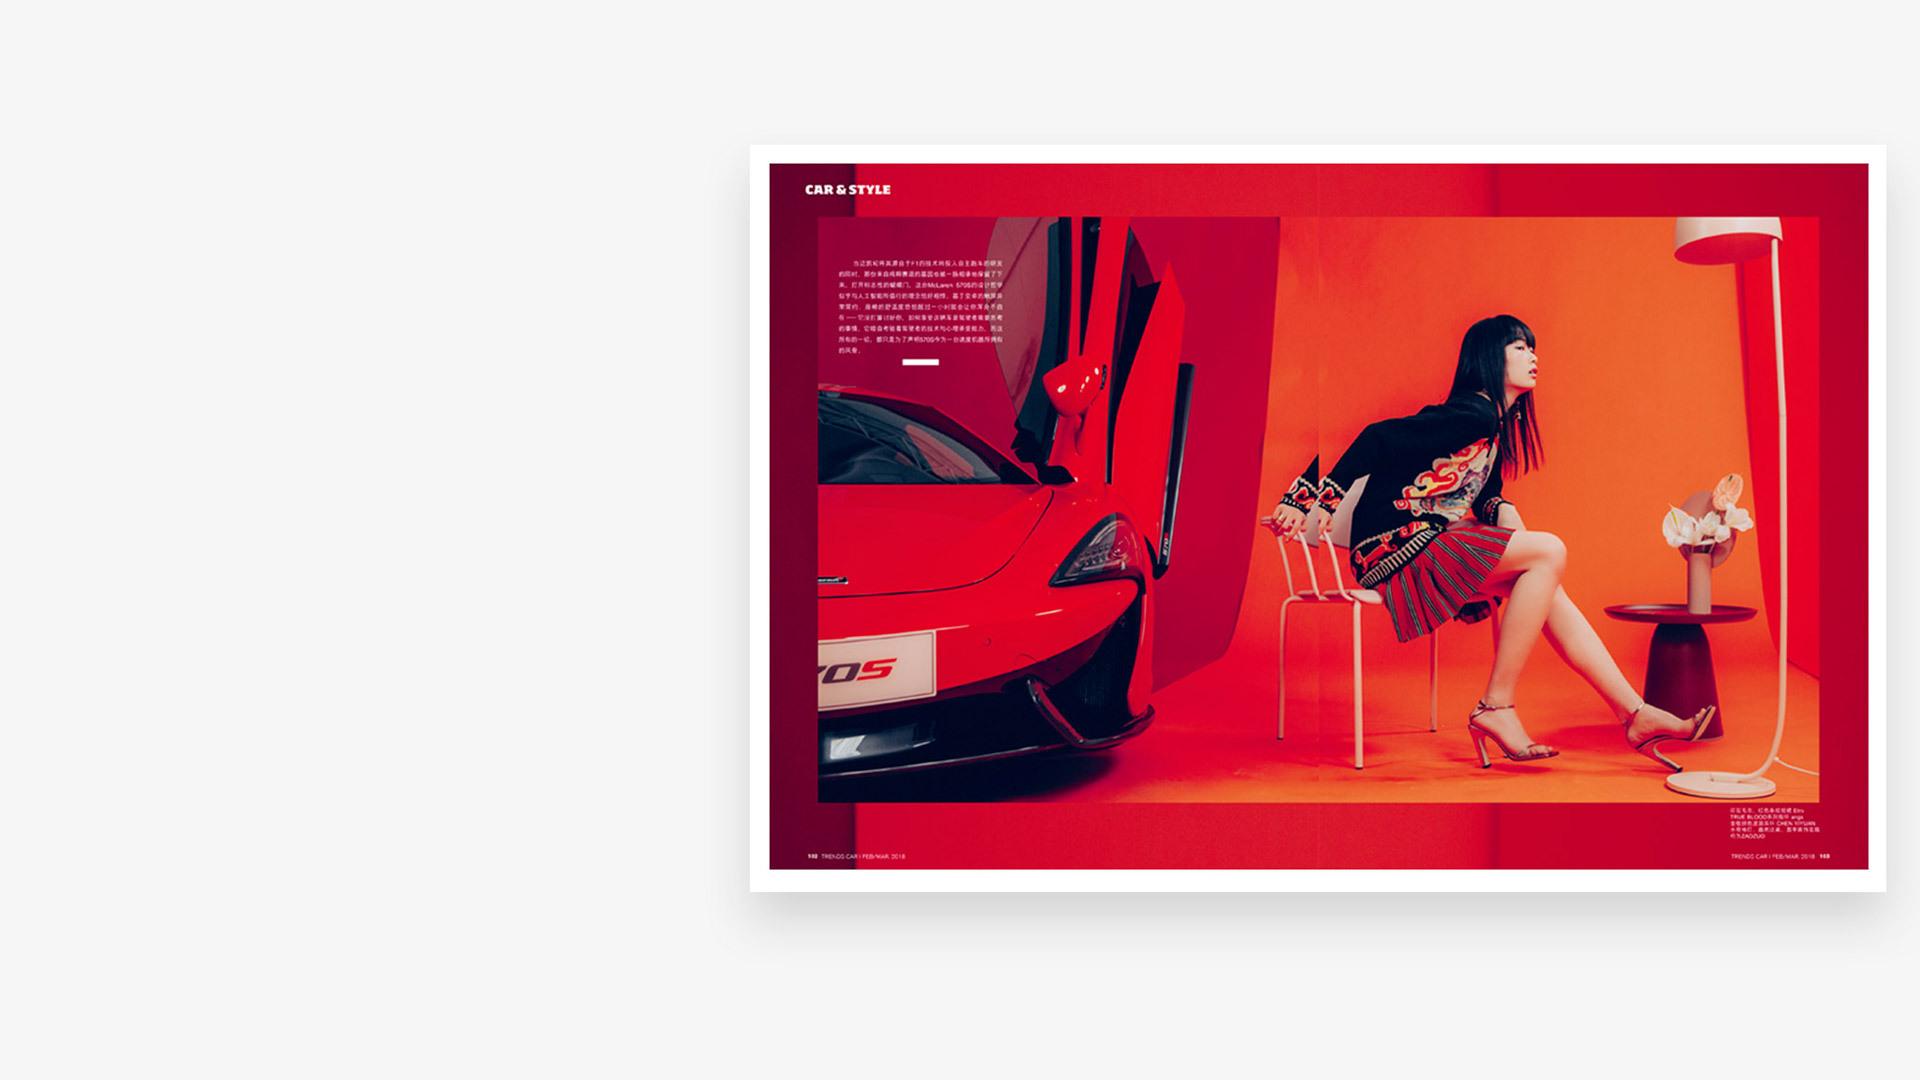 时尚汽车杂志《座驾car》<br/>用色彩连接未来世界